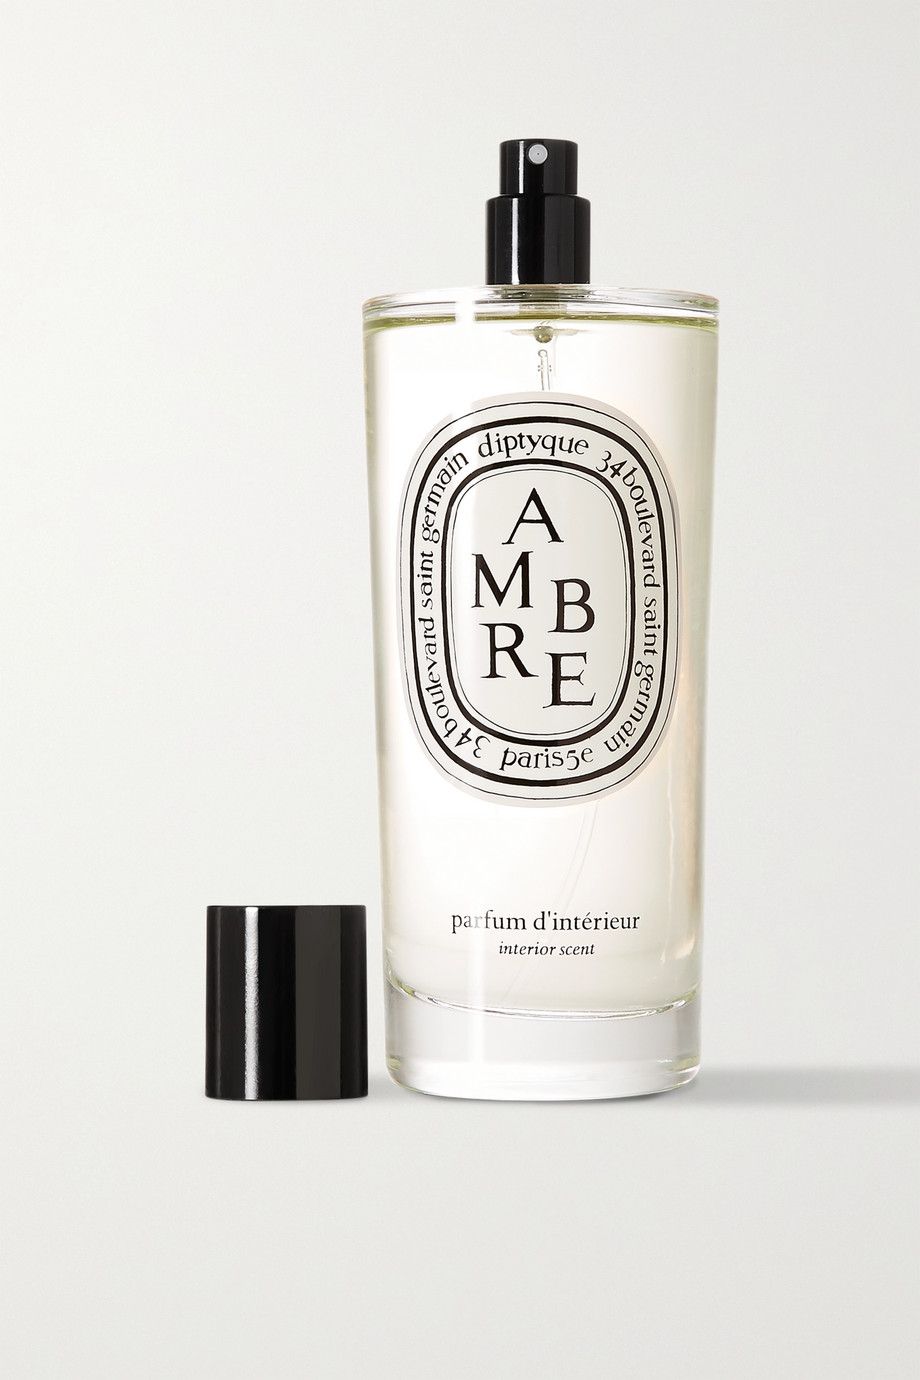 Diptyque Ambre Room Spray, 150ml